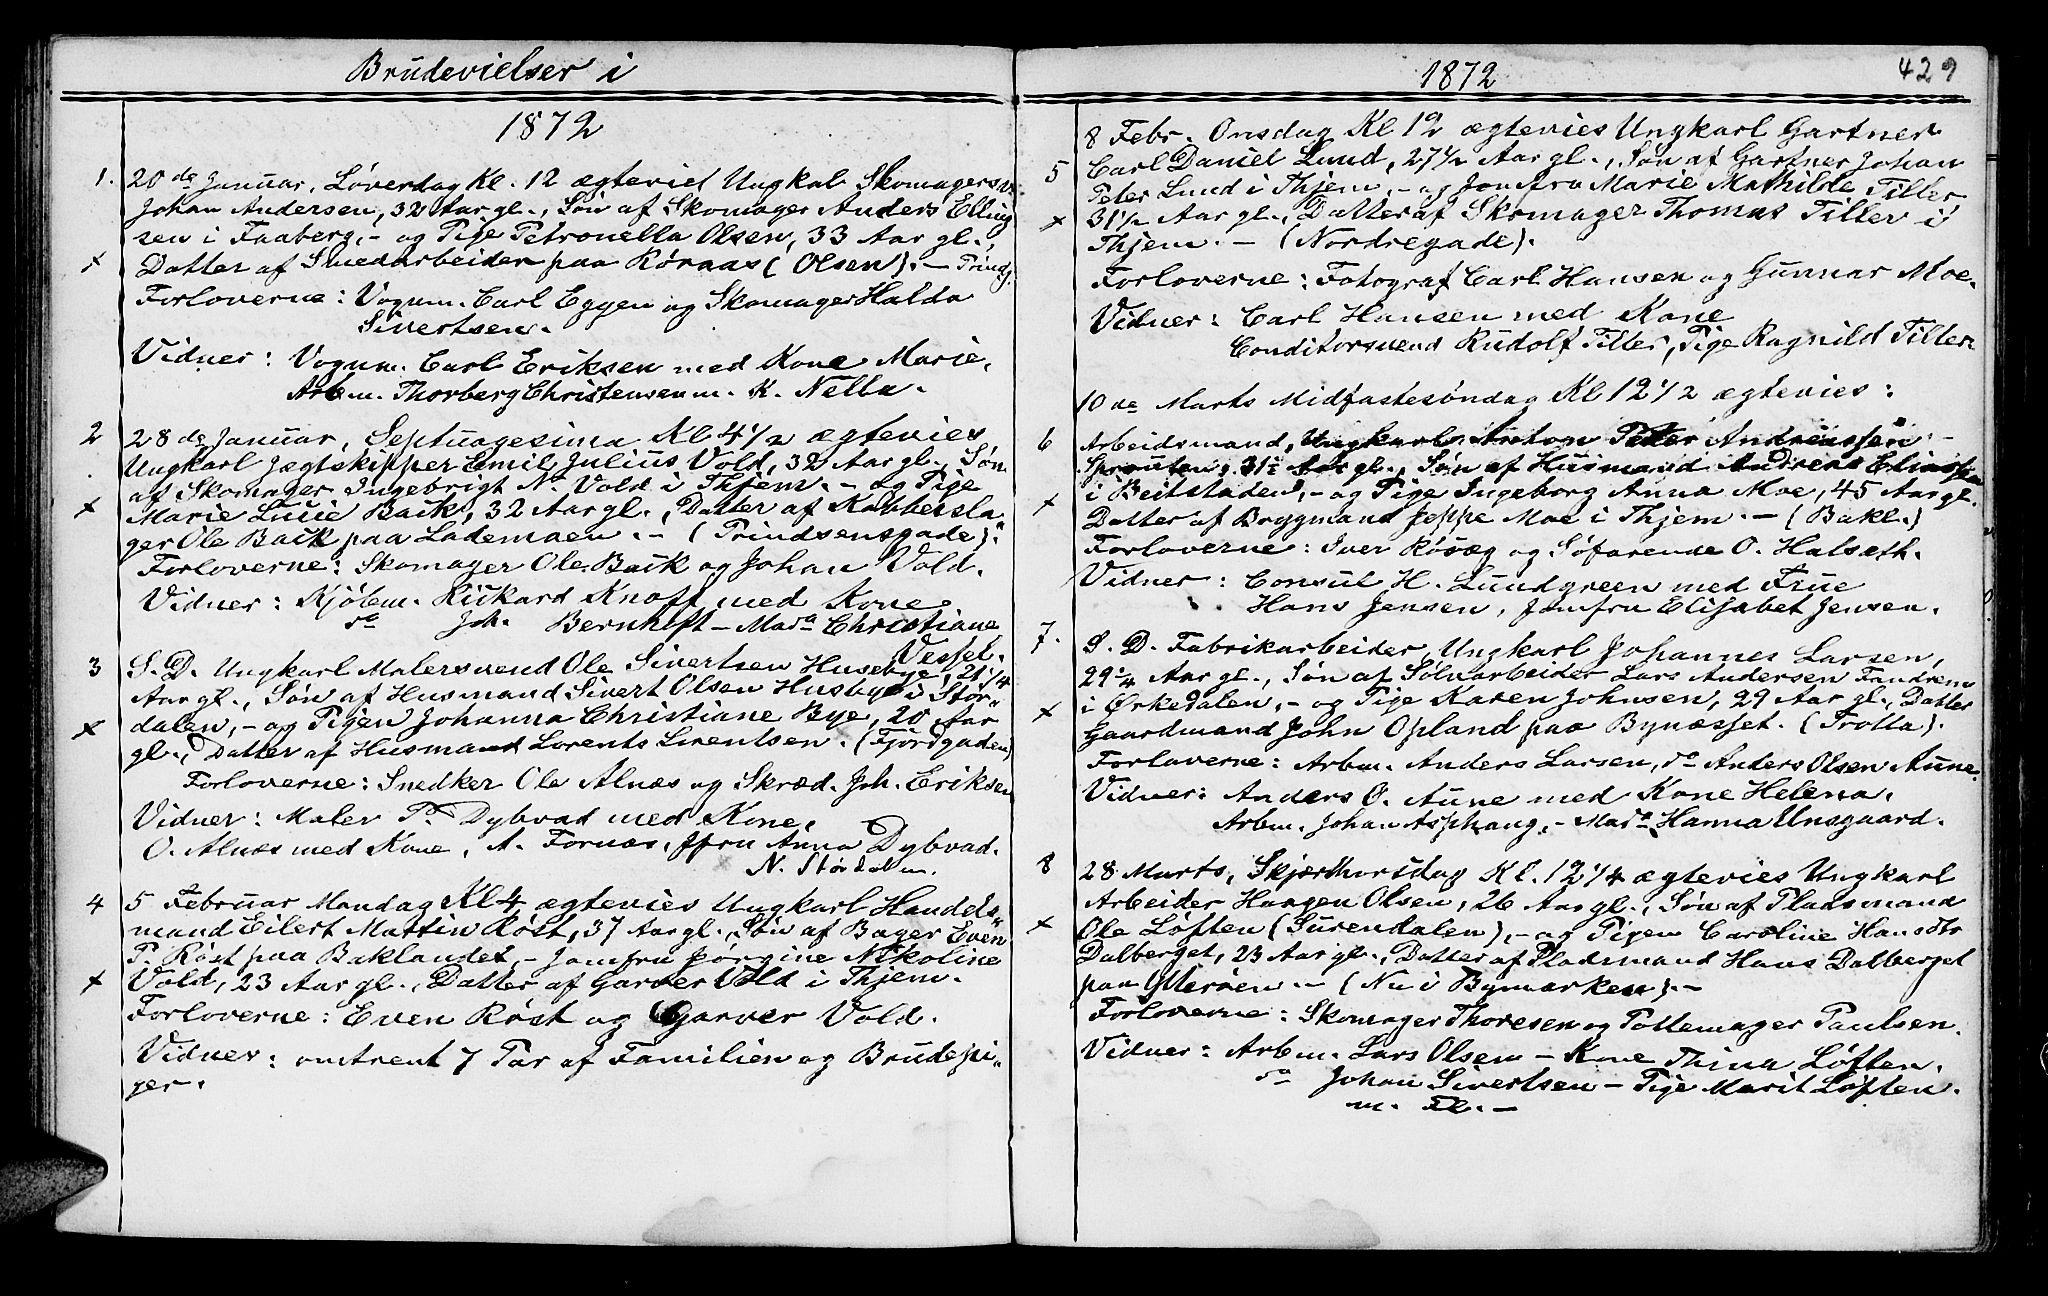 SAT, Ministerialprotokoller, klokkerbøker og fødselsregistre - Sør-Trøndelag, 602/L0140: Klokkerbok nr. 602C08, 1864-1872, s. 428-429